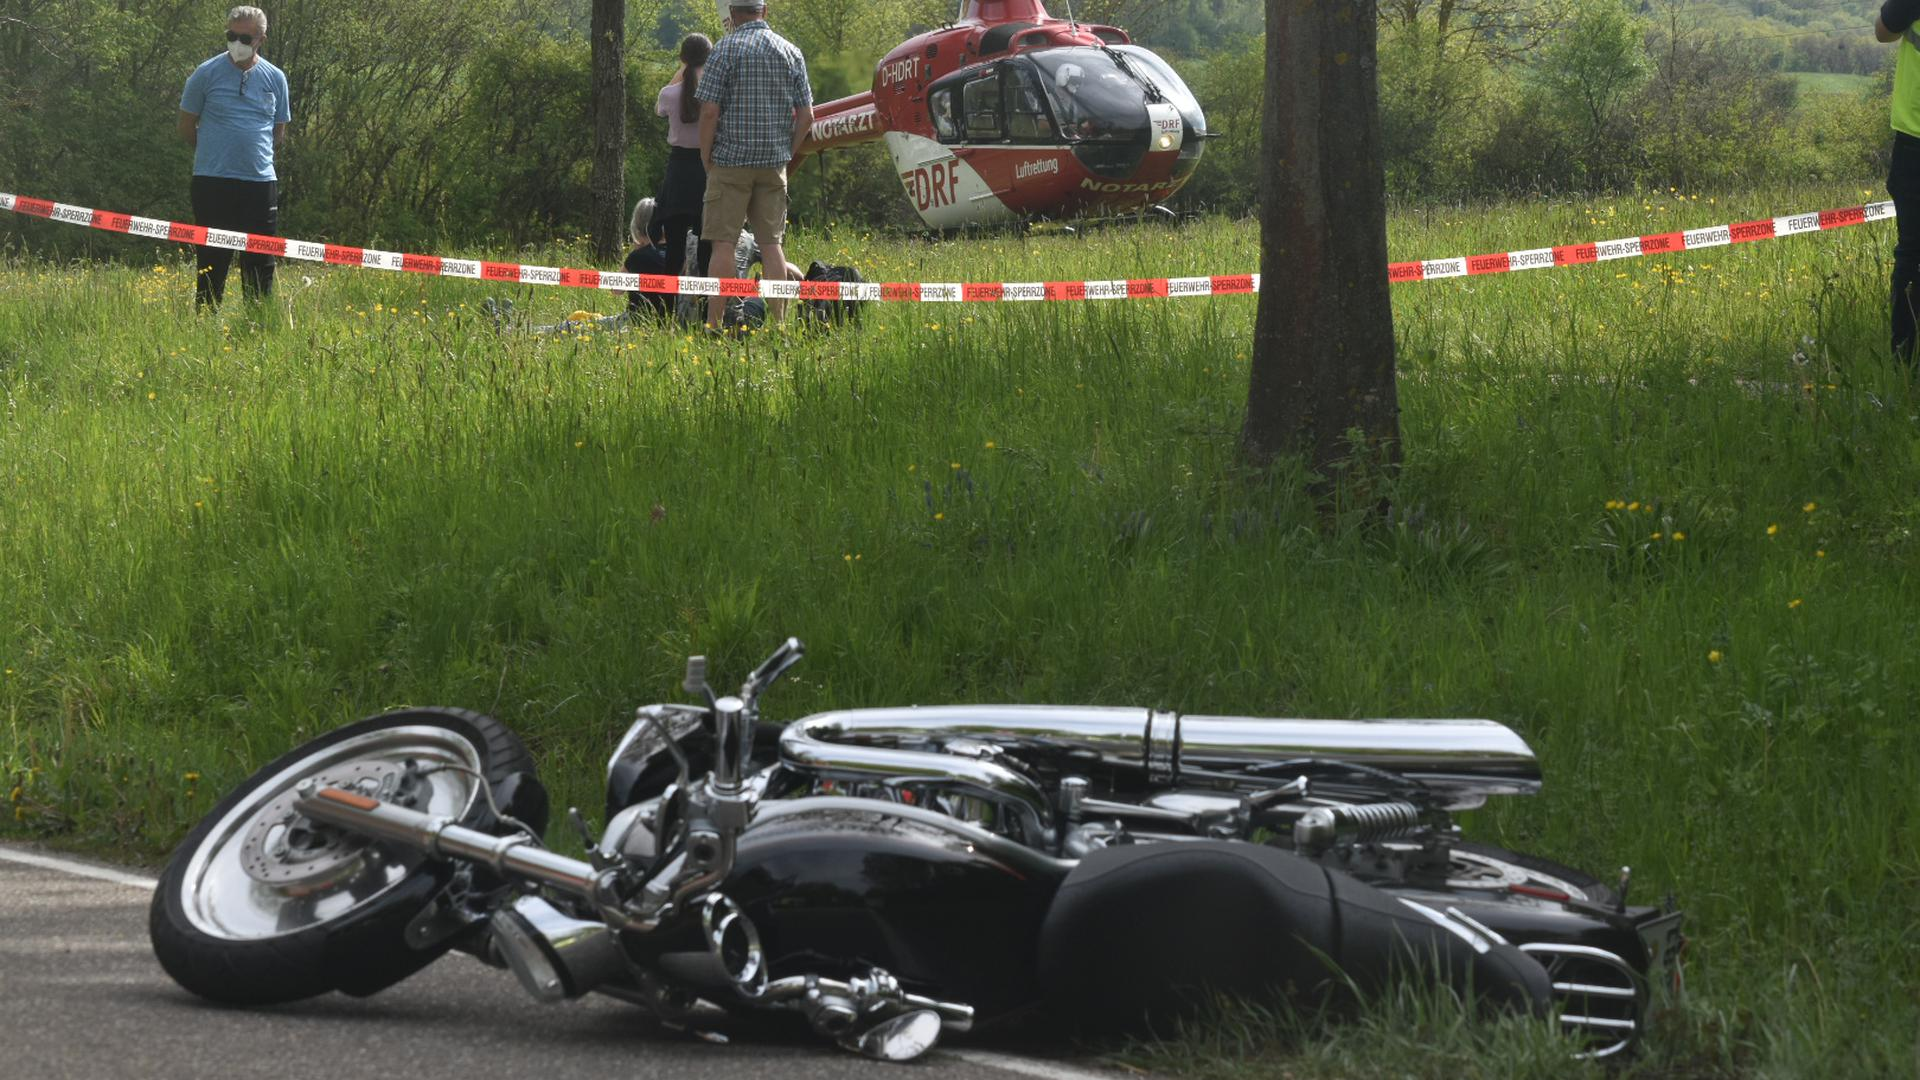 Ein schwarzes Motorrad liegt auf der Straße. Im Hintergrund steht ein Rettungshubschrauber auf einer Wiese.